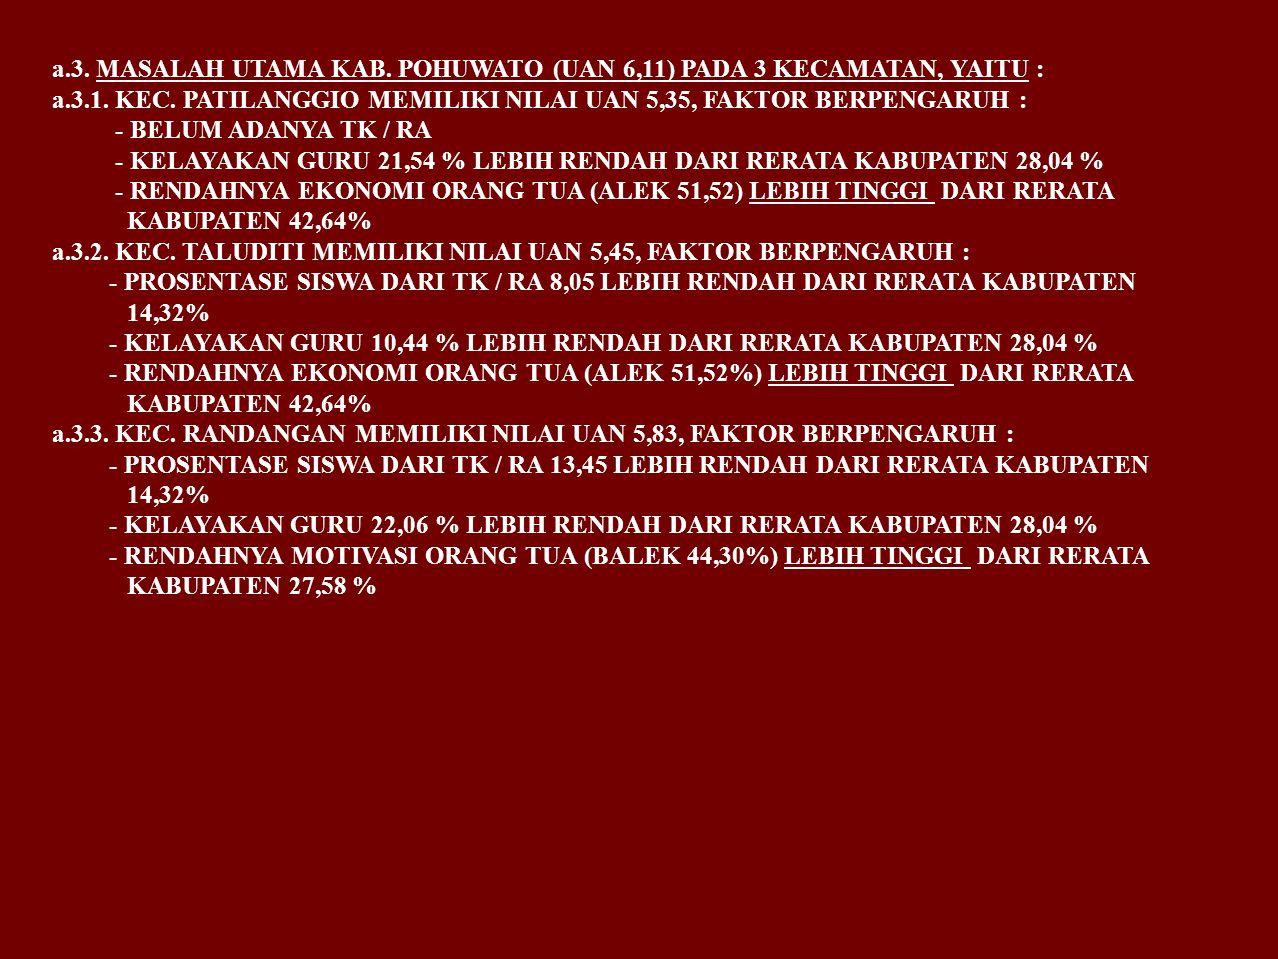 a.3. MASALAH UTAMA KAB. POHUWATO (UAN 6,11) PADA 3 KECAMATAN, YAITU : a.3.1. KEC. PATILANGGIO MEMILIKI NILAI UAN 5,35, FAKTOR BERPENGARUH : - BELUM AD